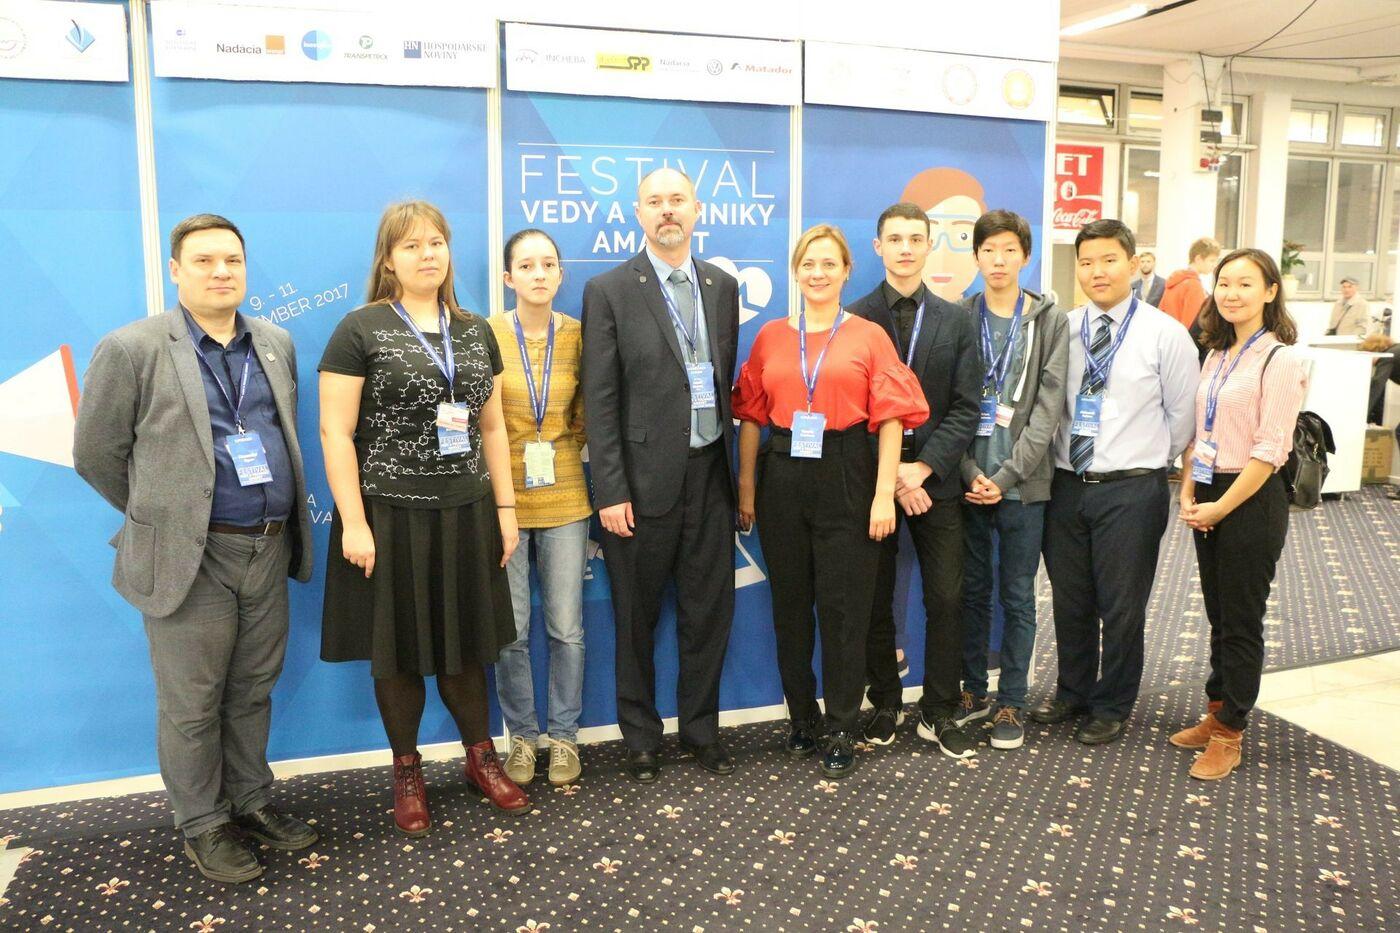 Фестиваль науки и технологии в Братиславе